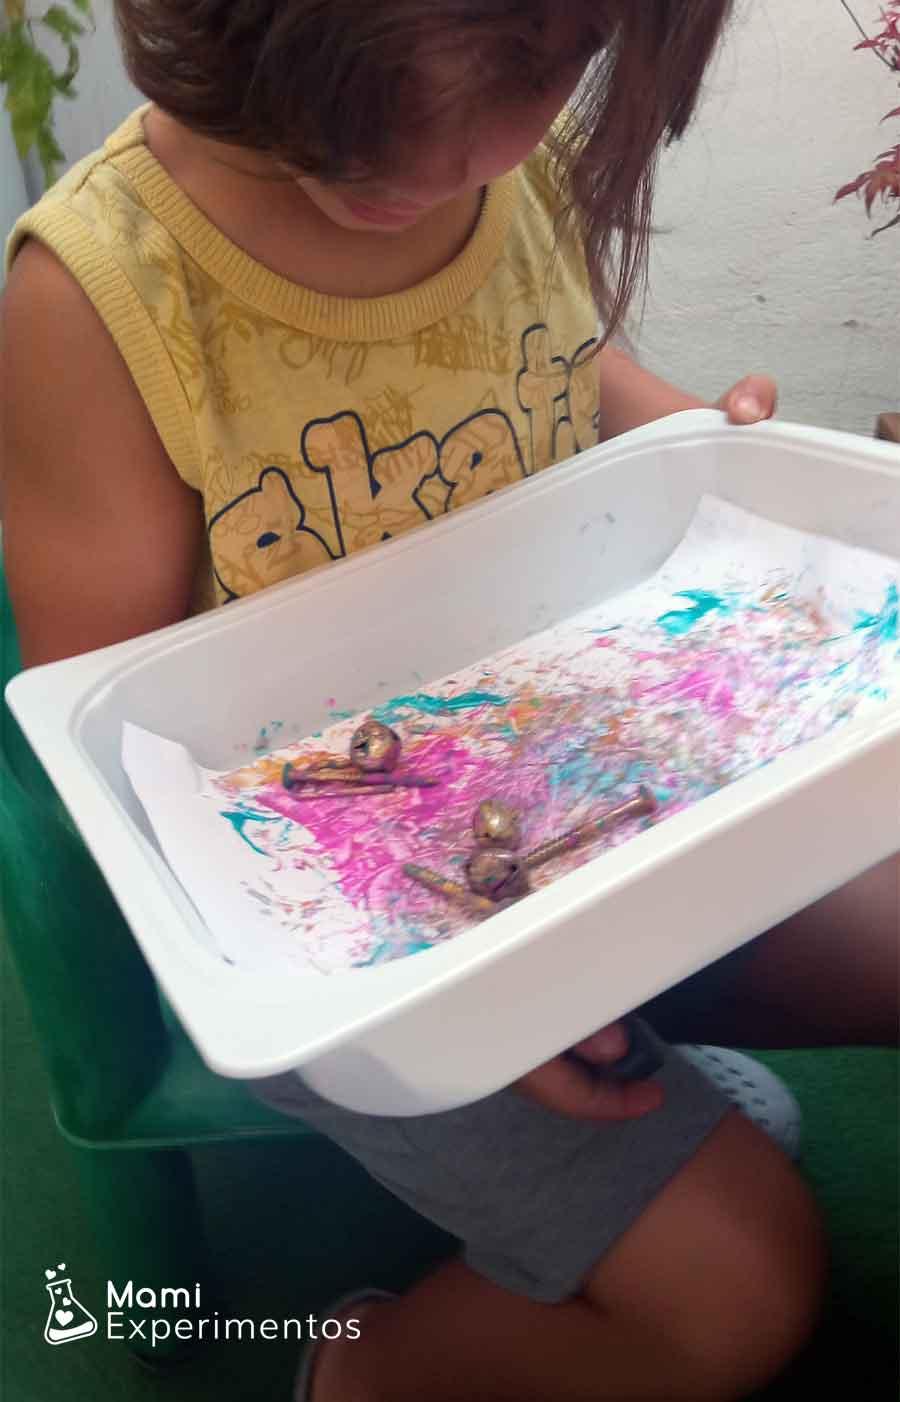 Varita magnética debajo de bandeja y pintando con objetos metálicos